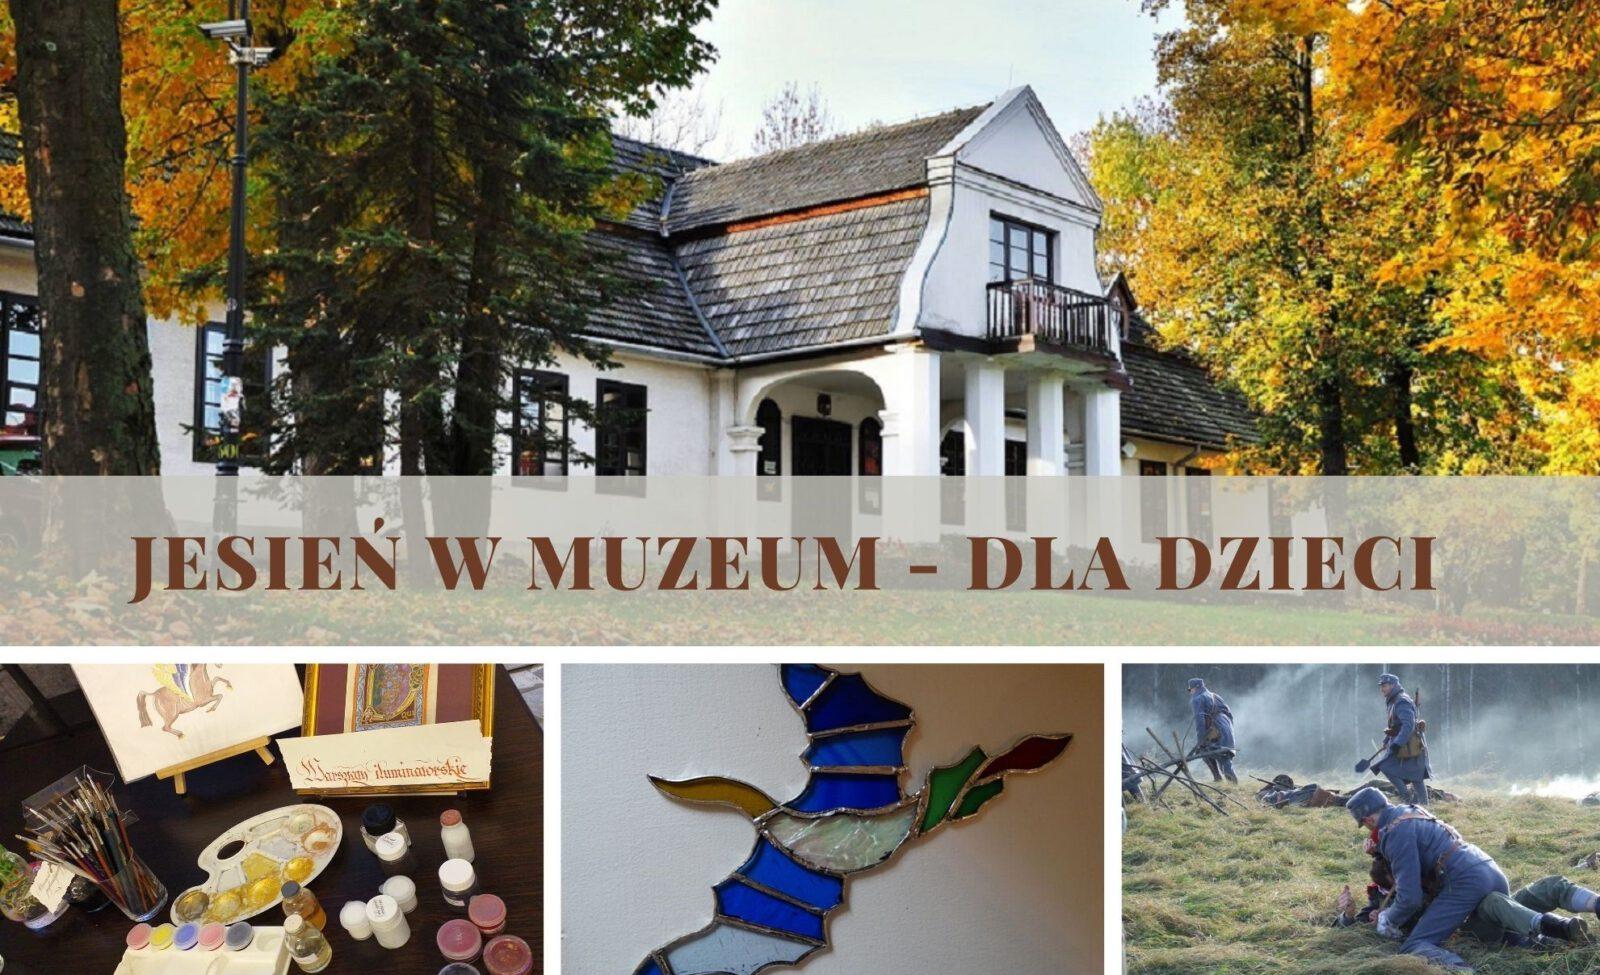 Plakat informujący o jesiennych zajęciach muzealnych dla dzieci w MRZL